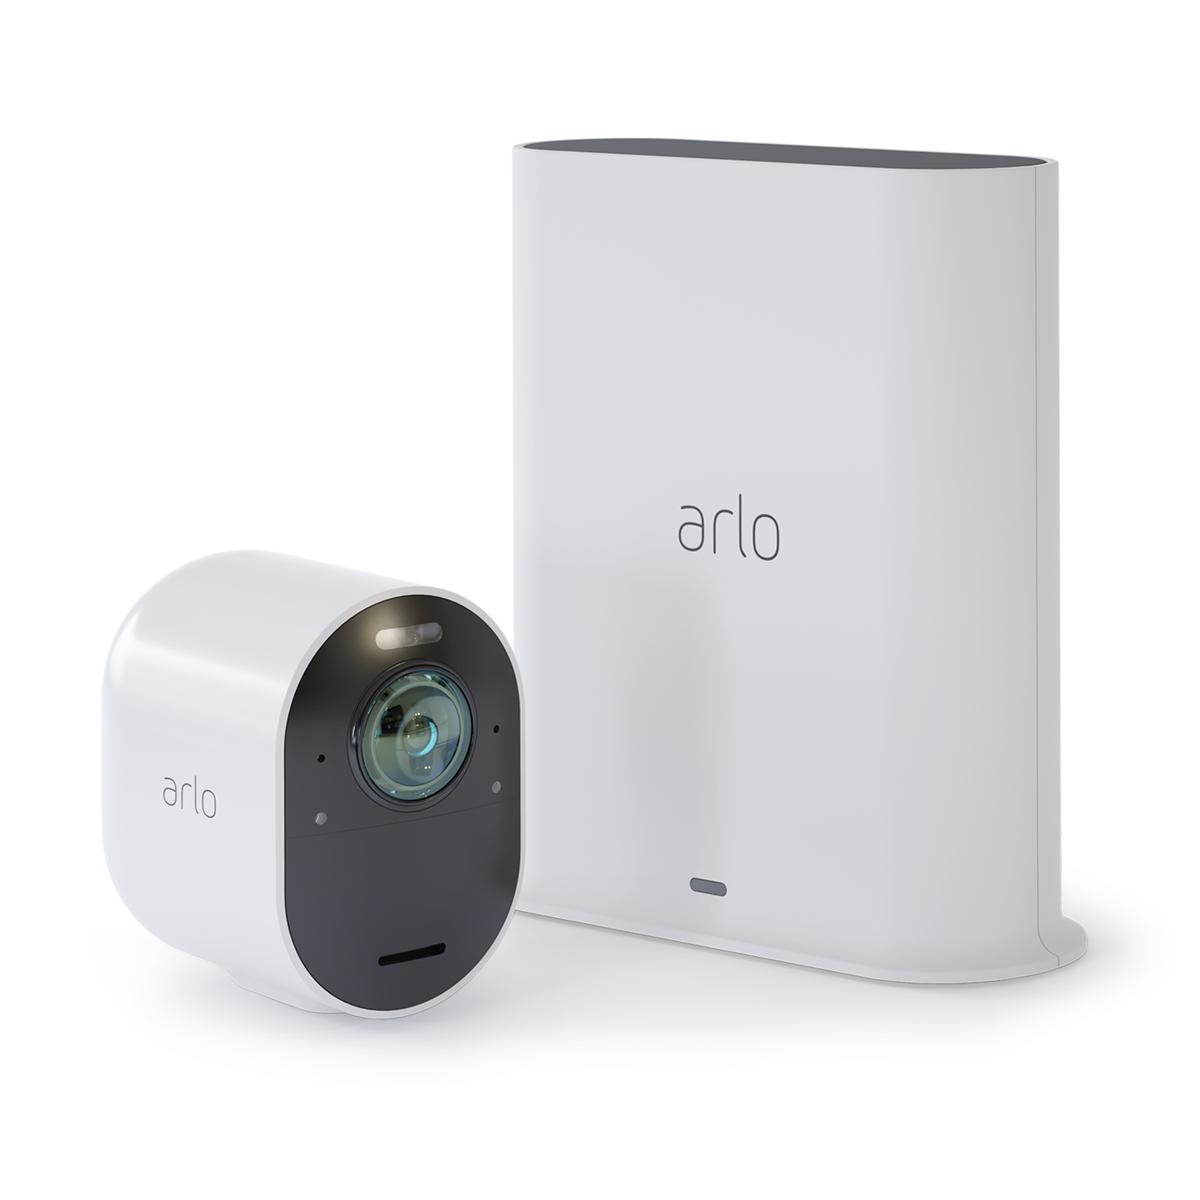 ArloUltra_CameraAndSmartHub.134220 Arlo annonce Arlo Ultra, un système de caméra de sécurité sans fil 4K HDR révolutionnaire